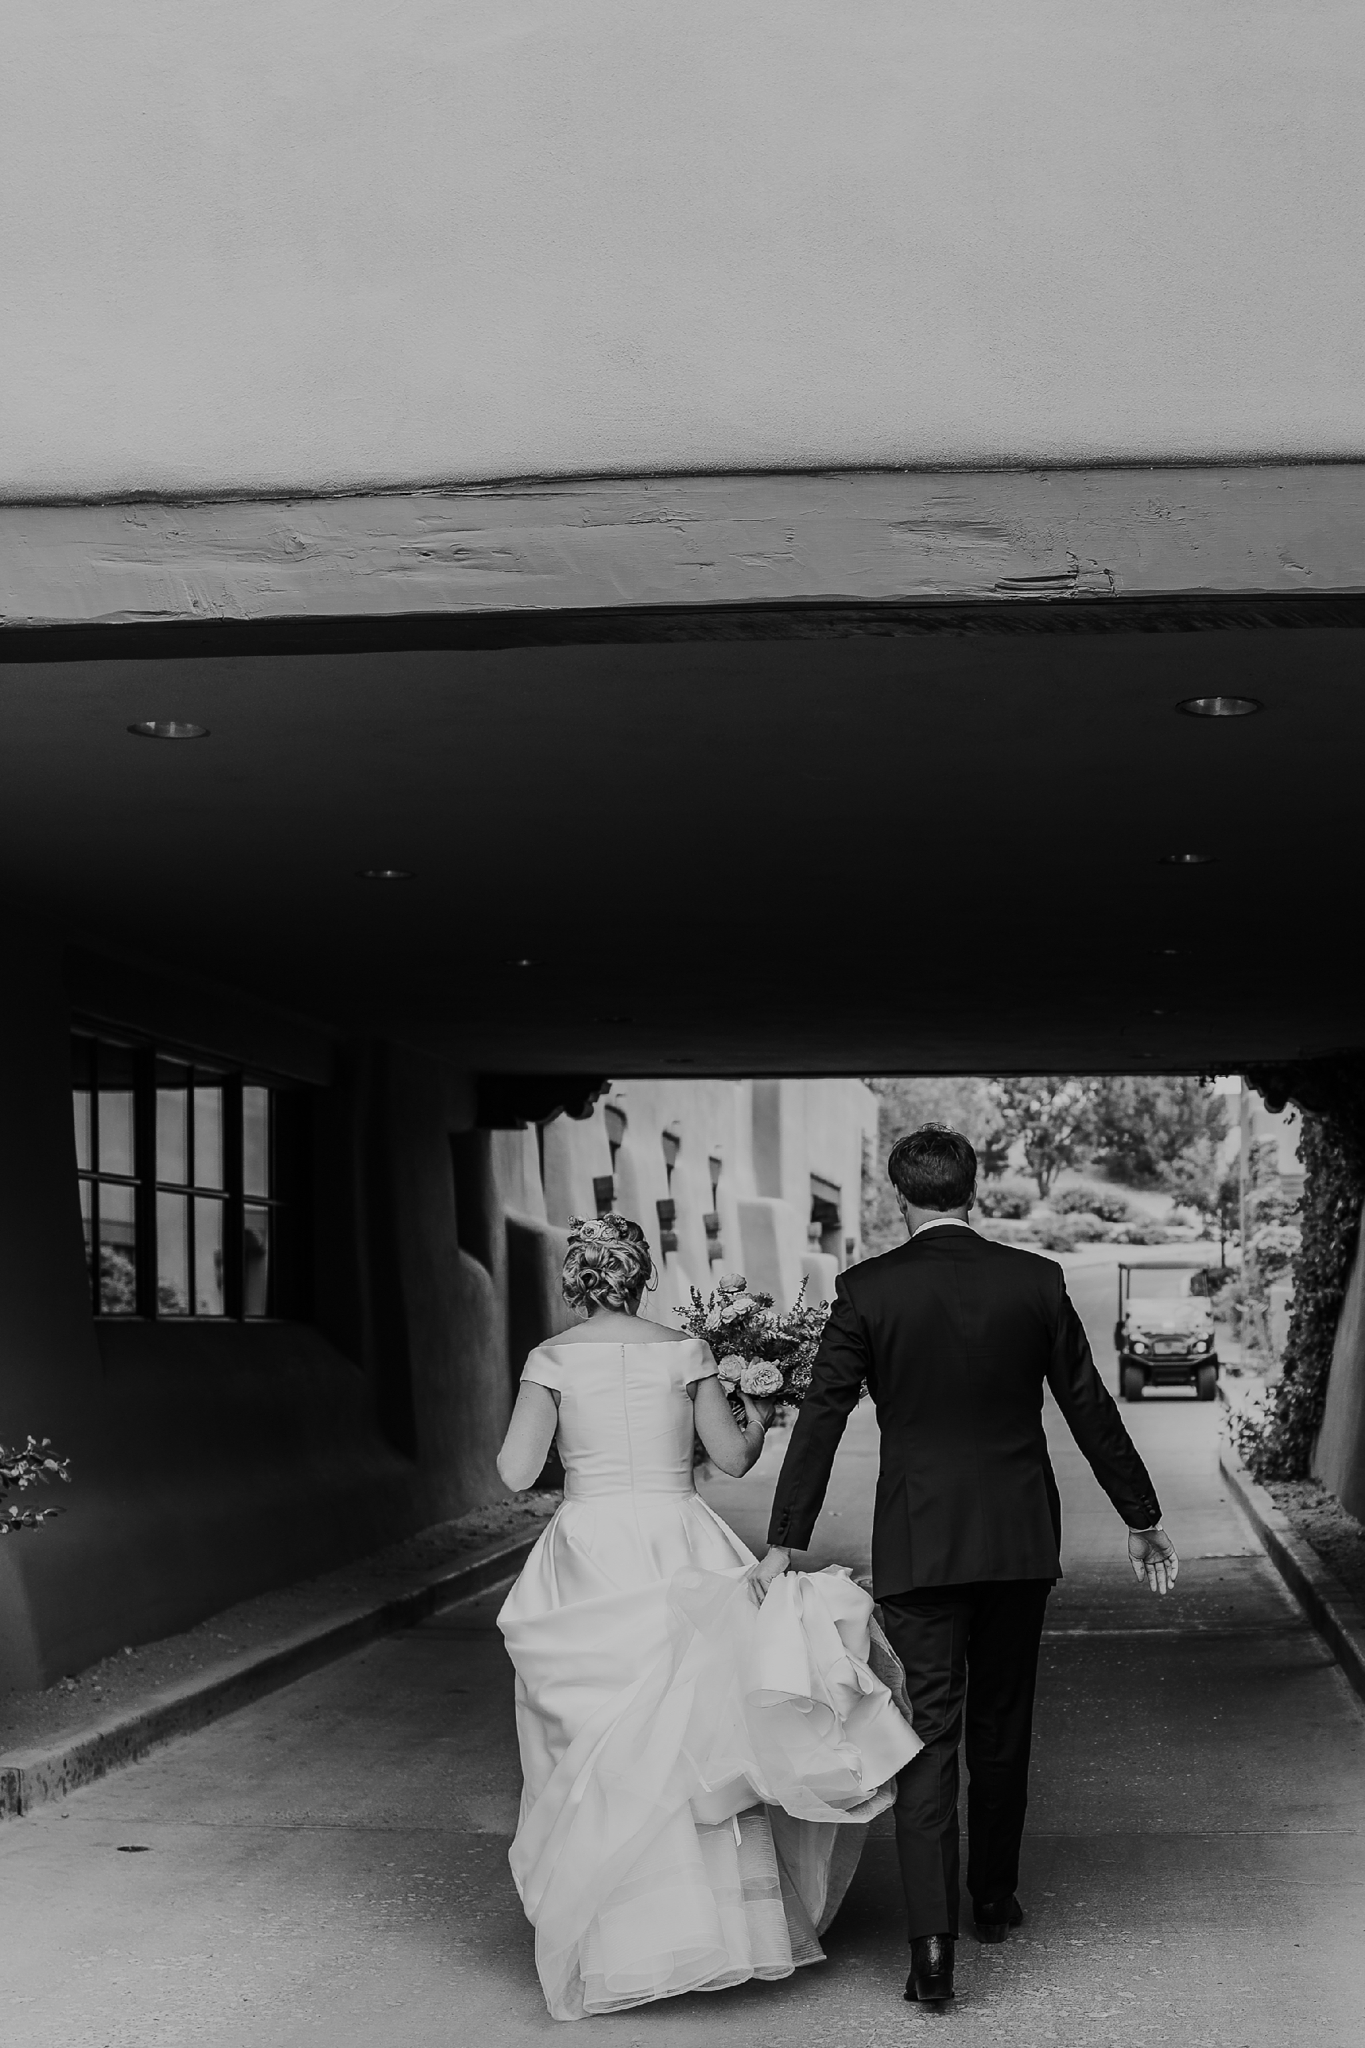 Alicia+lucia+photography+-+albuquerque+wedding+photographer+-+santa+fe+wedding+photography+-+new+mexico+wedding+photographer+-+new+mexico+wedding+-+las+campanas+wedding+-+santa+fe+wedding+-+maximalist+wedding+-+destination+wedding_0089.jpg